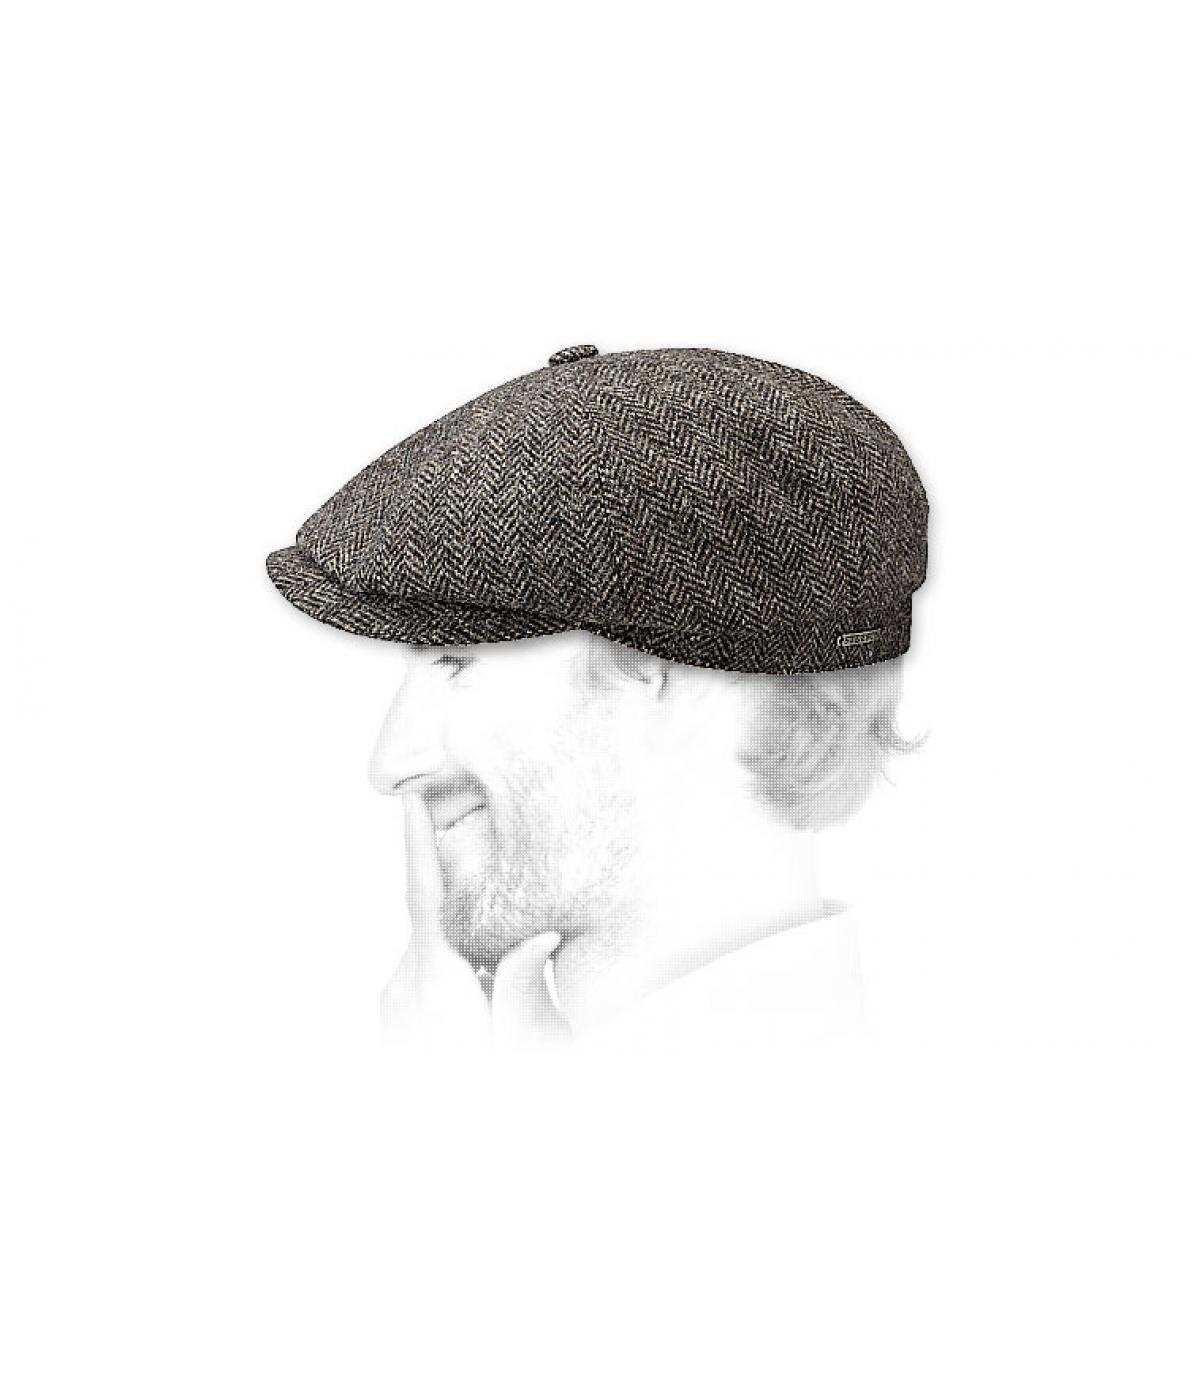 Details Hatteras Woolrich dunkelgrau - Abbildung 3